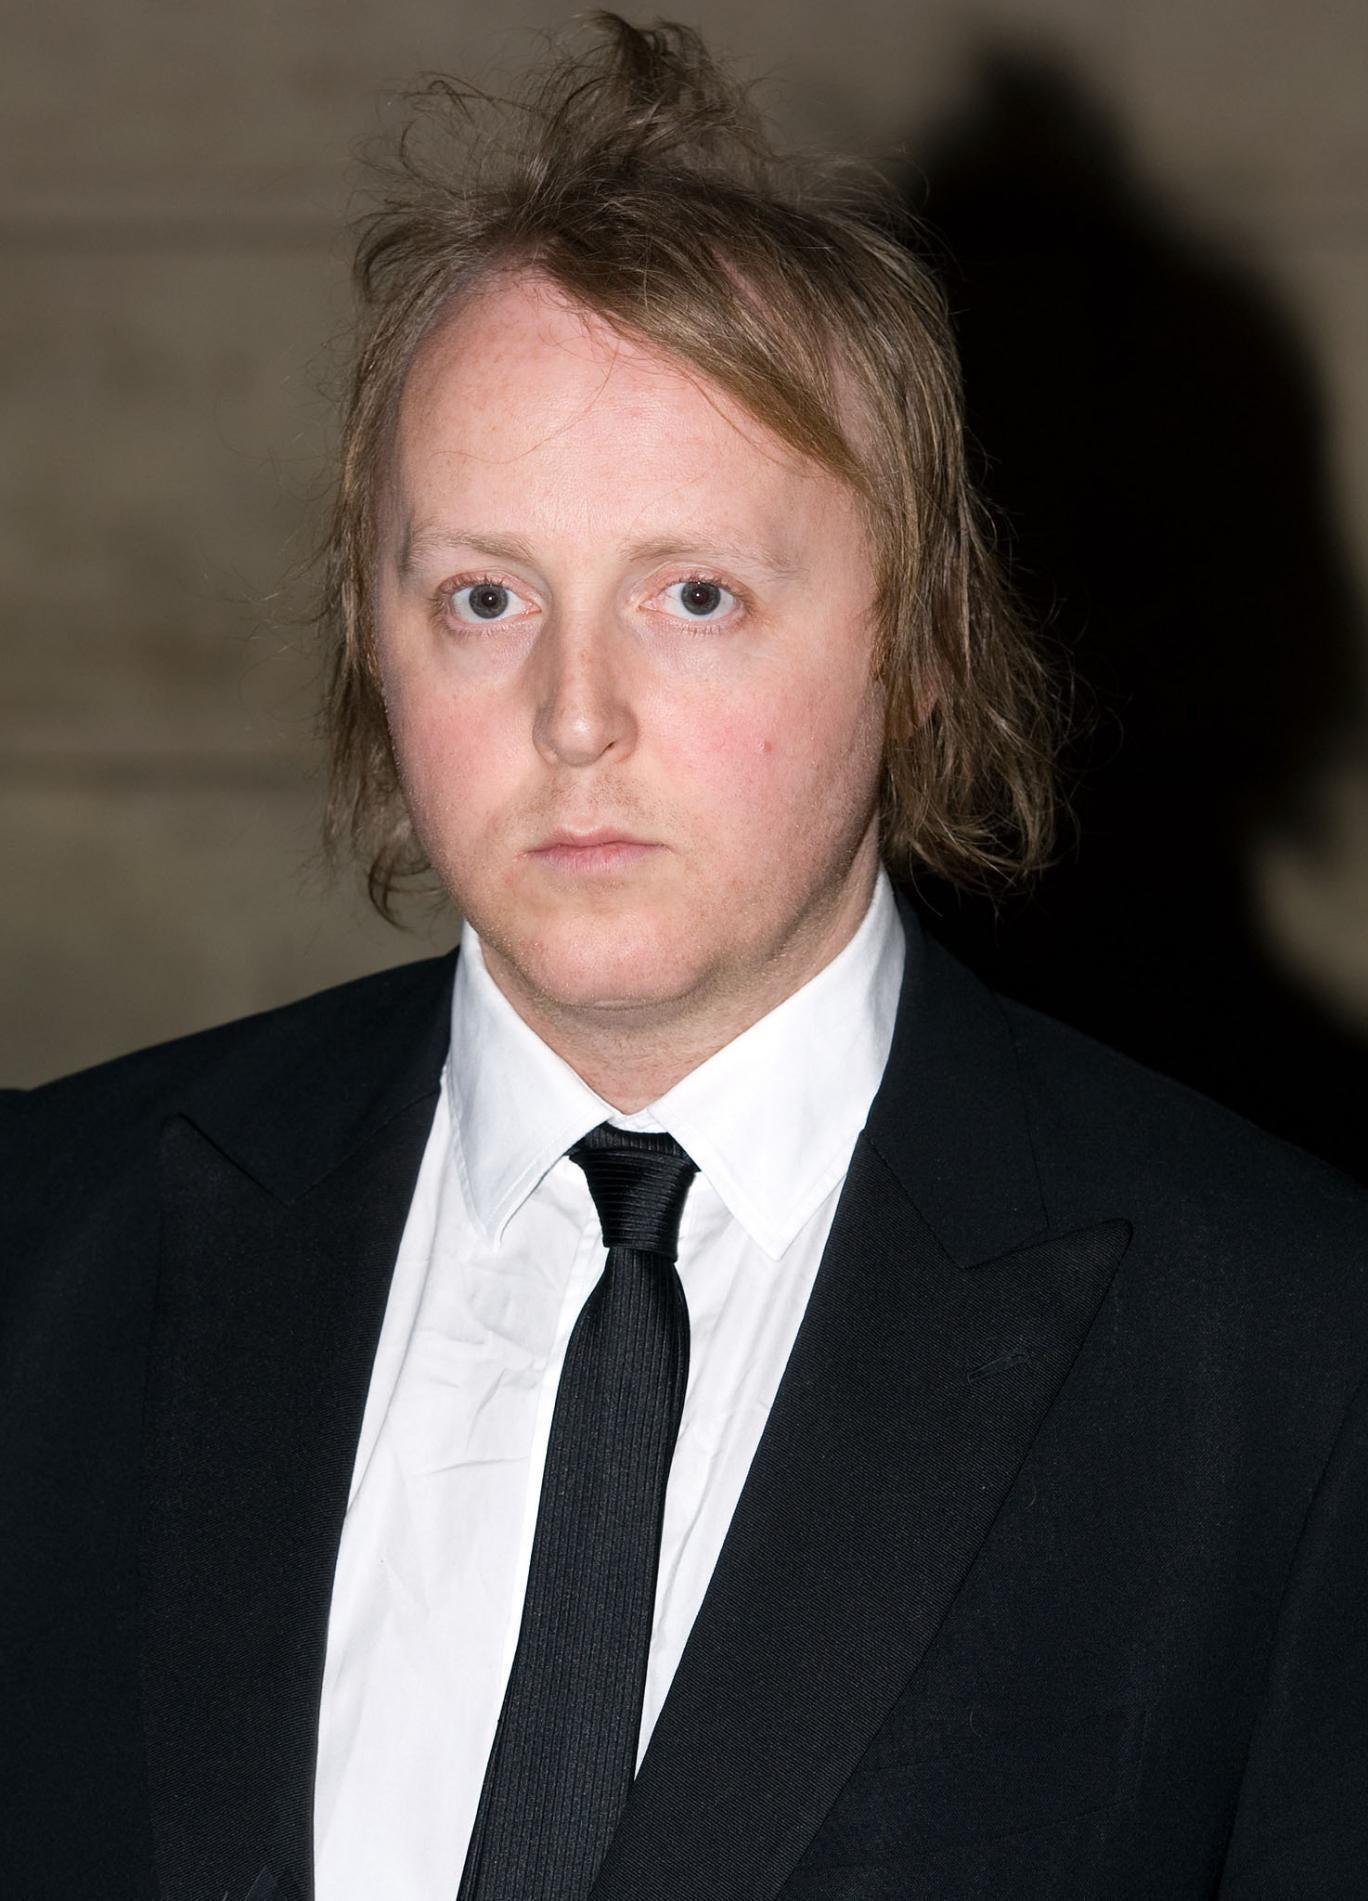 Sir Paul McCartney's musician son James